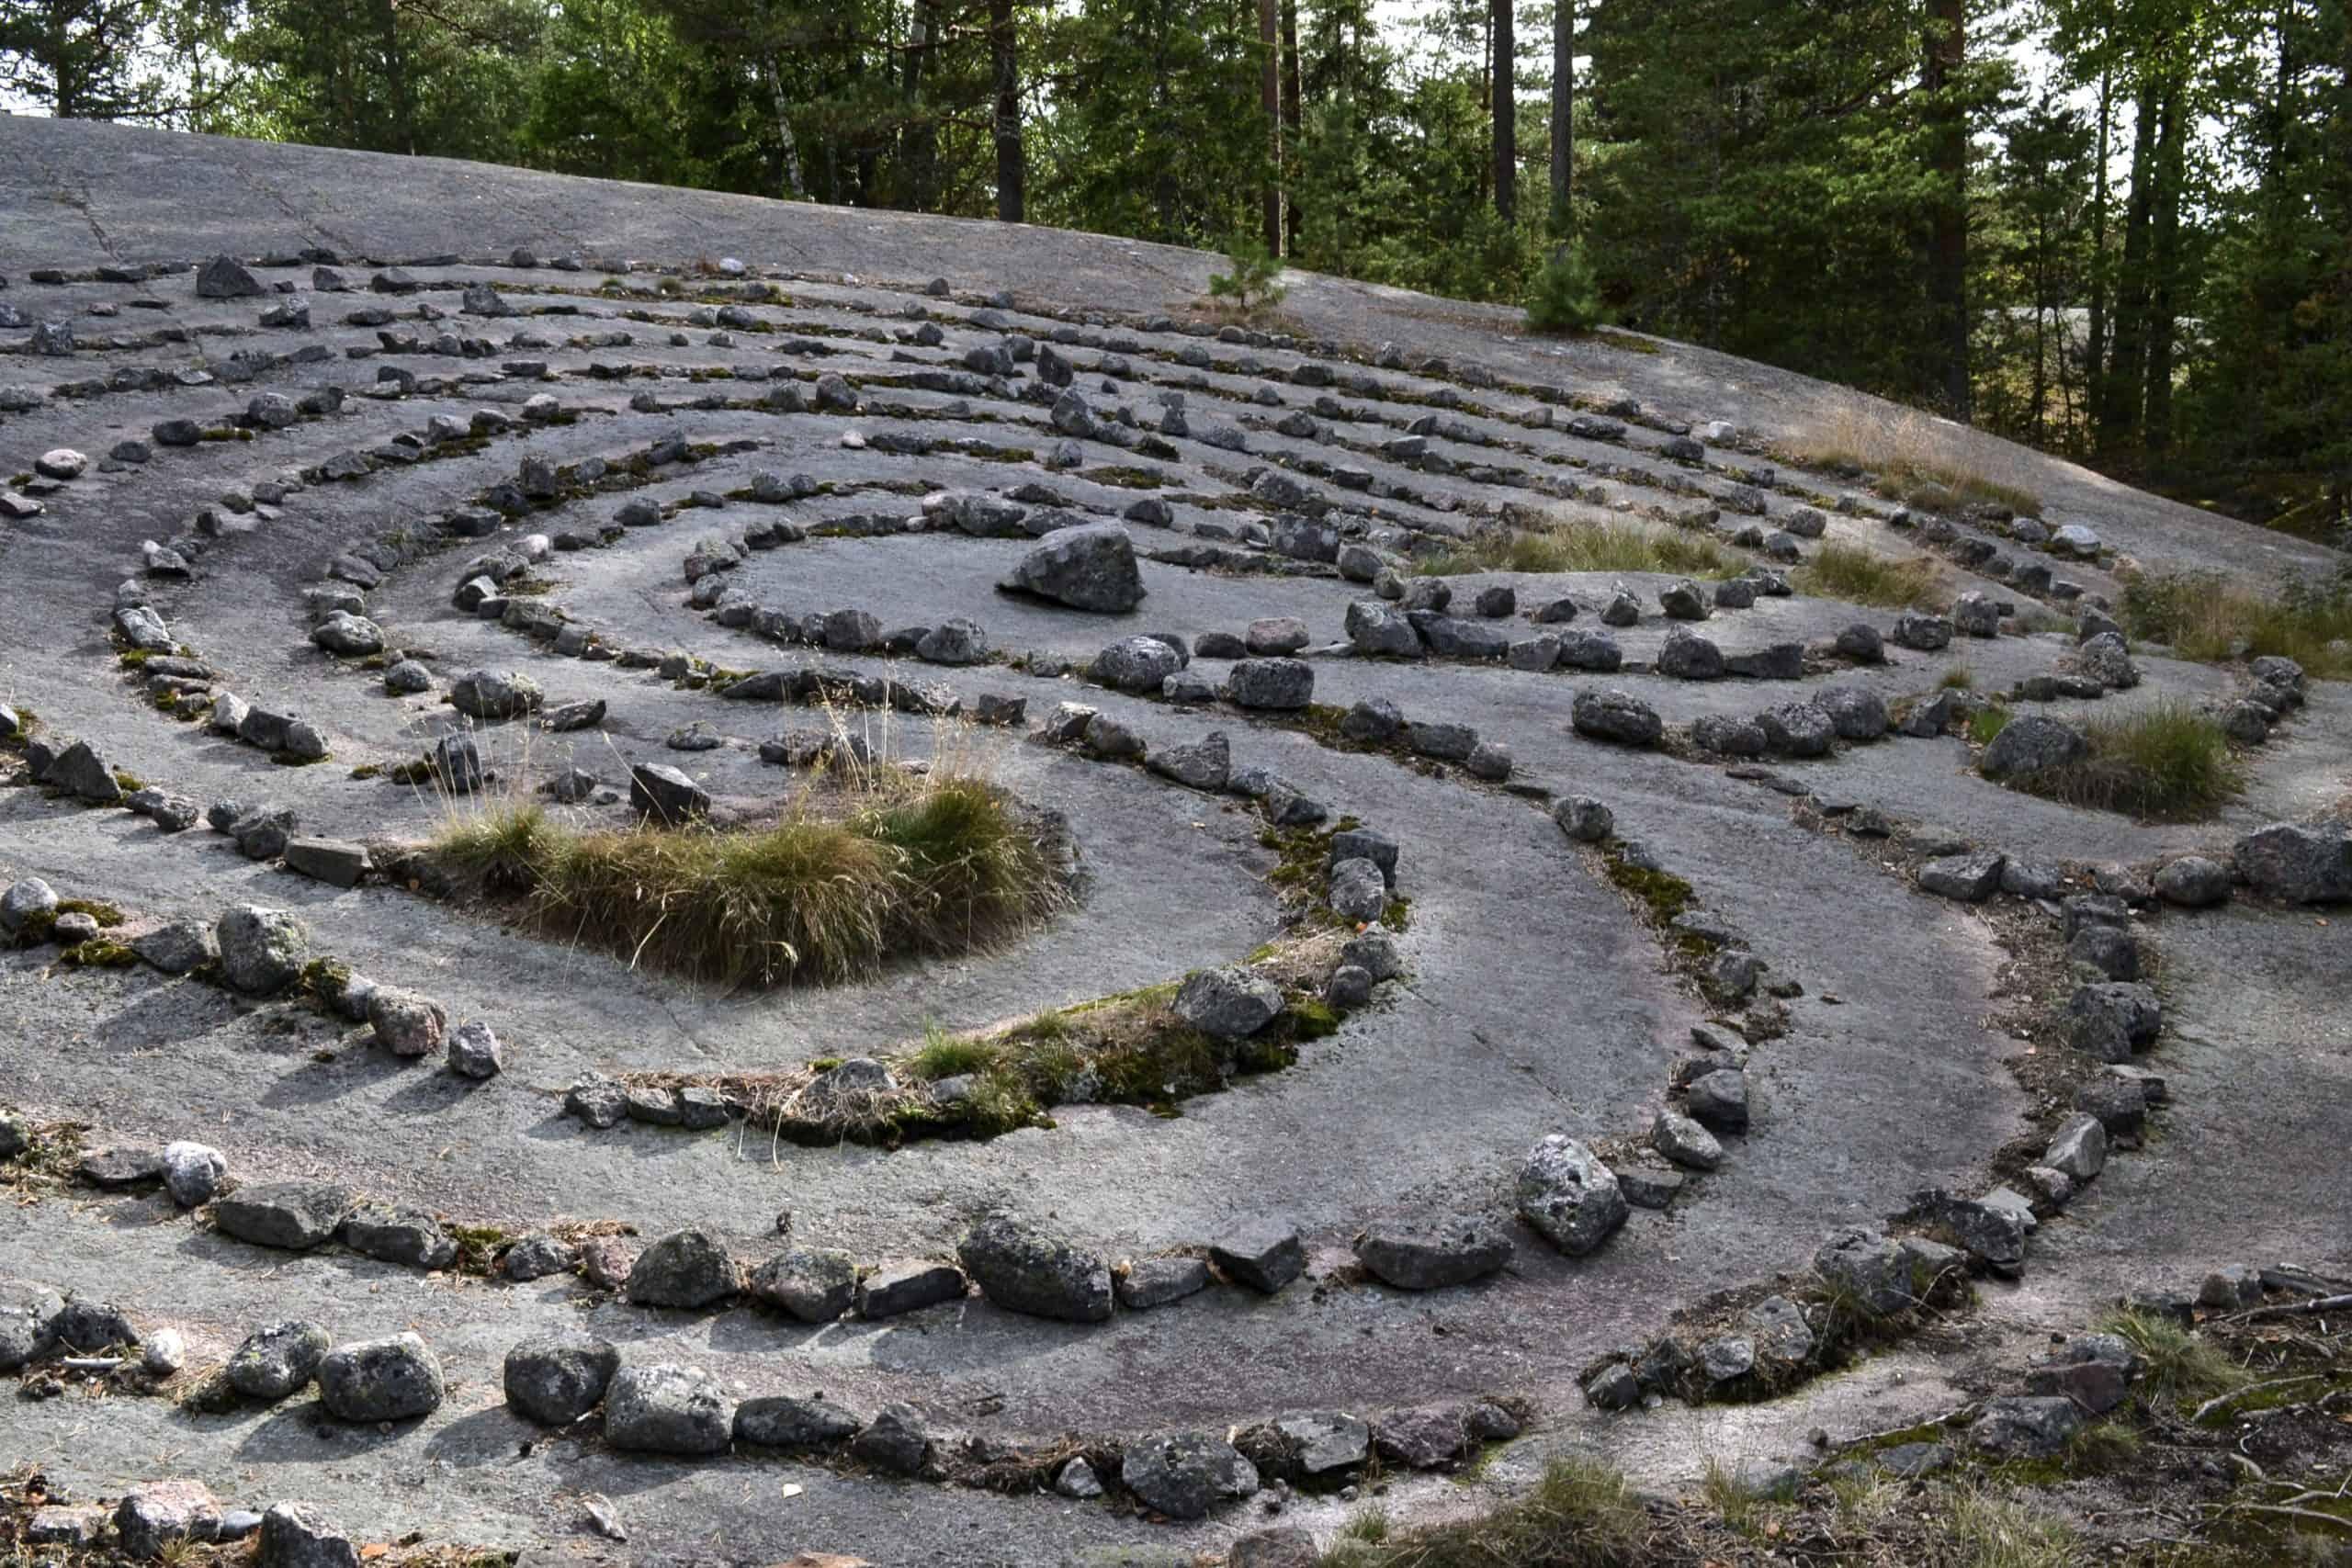 Labyrinttimainen kivimuodostelma kalliolla.